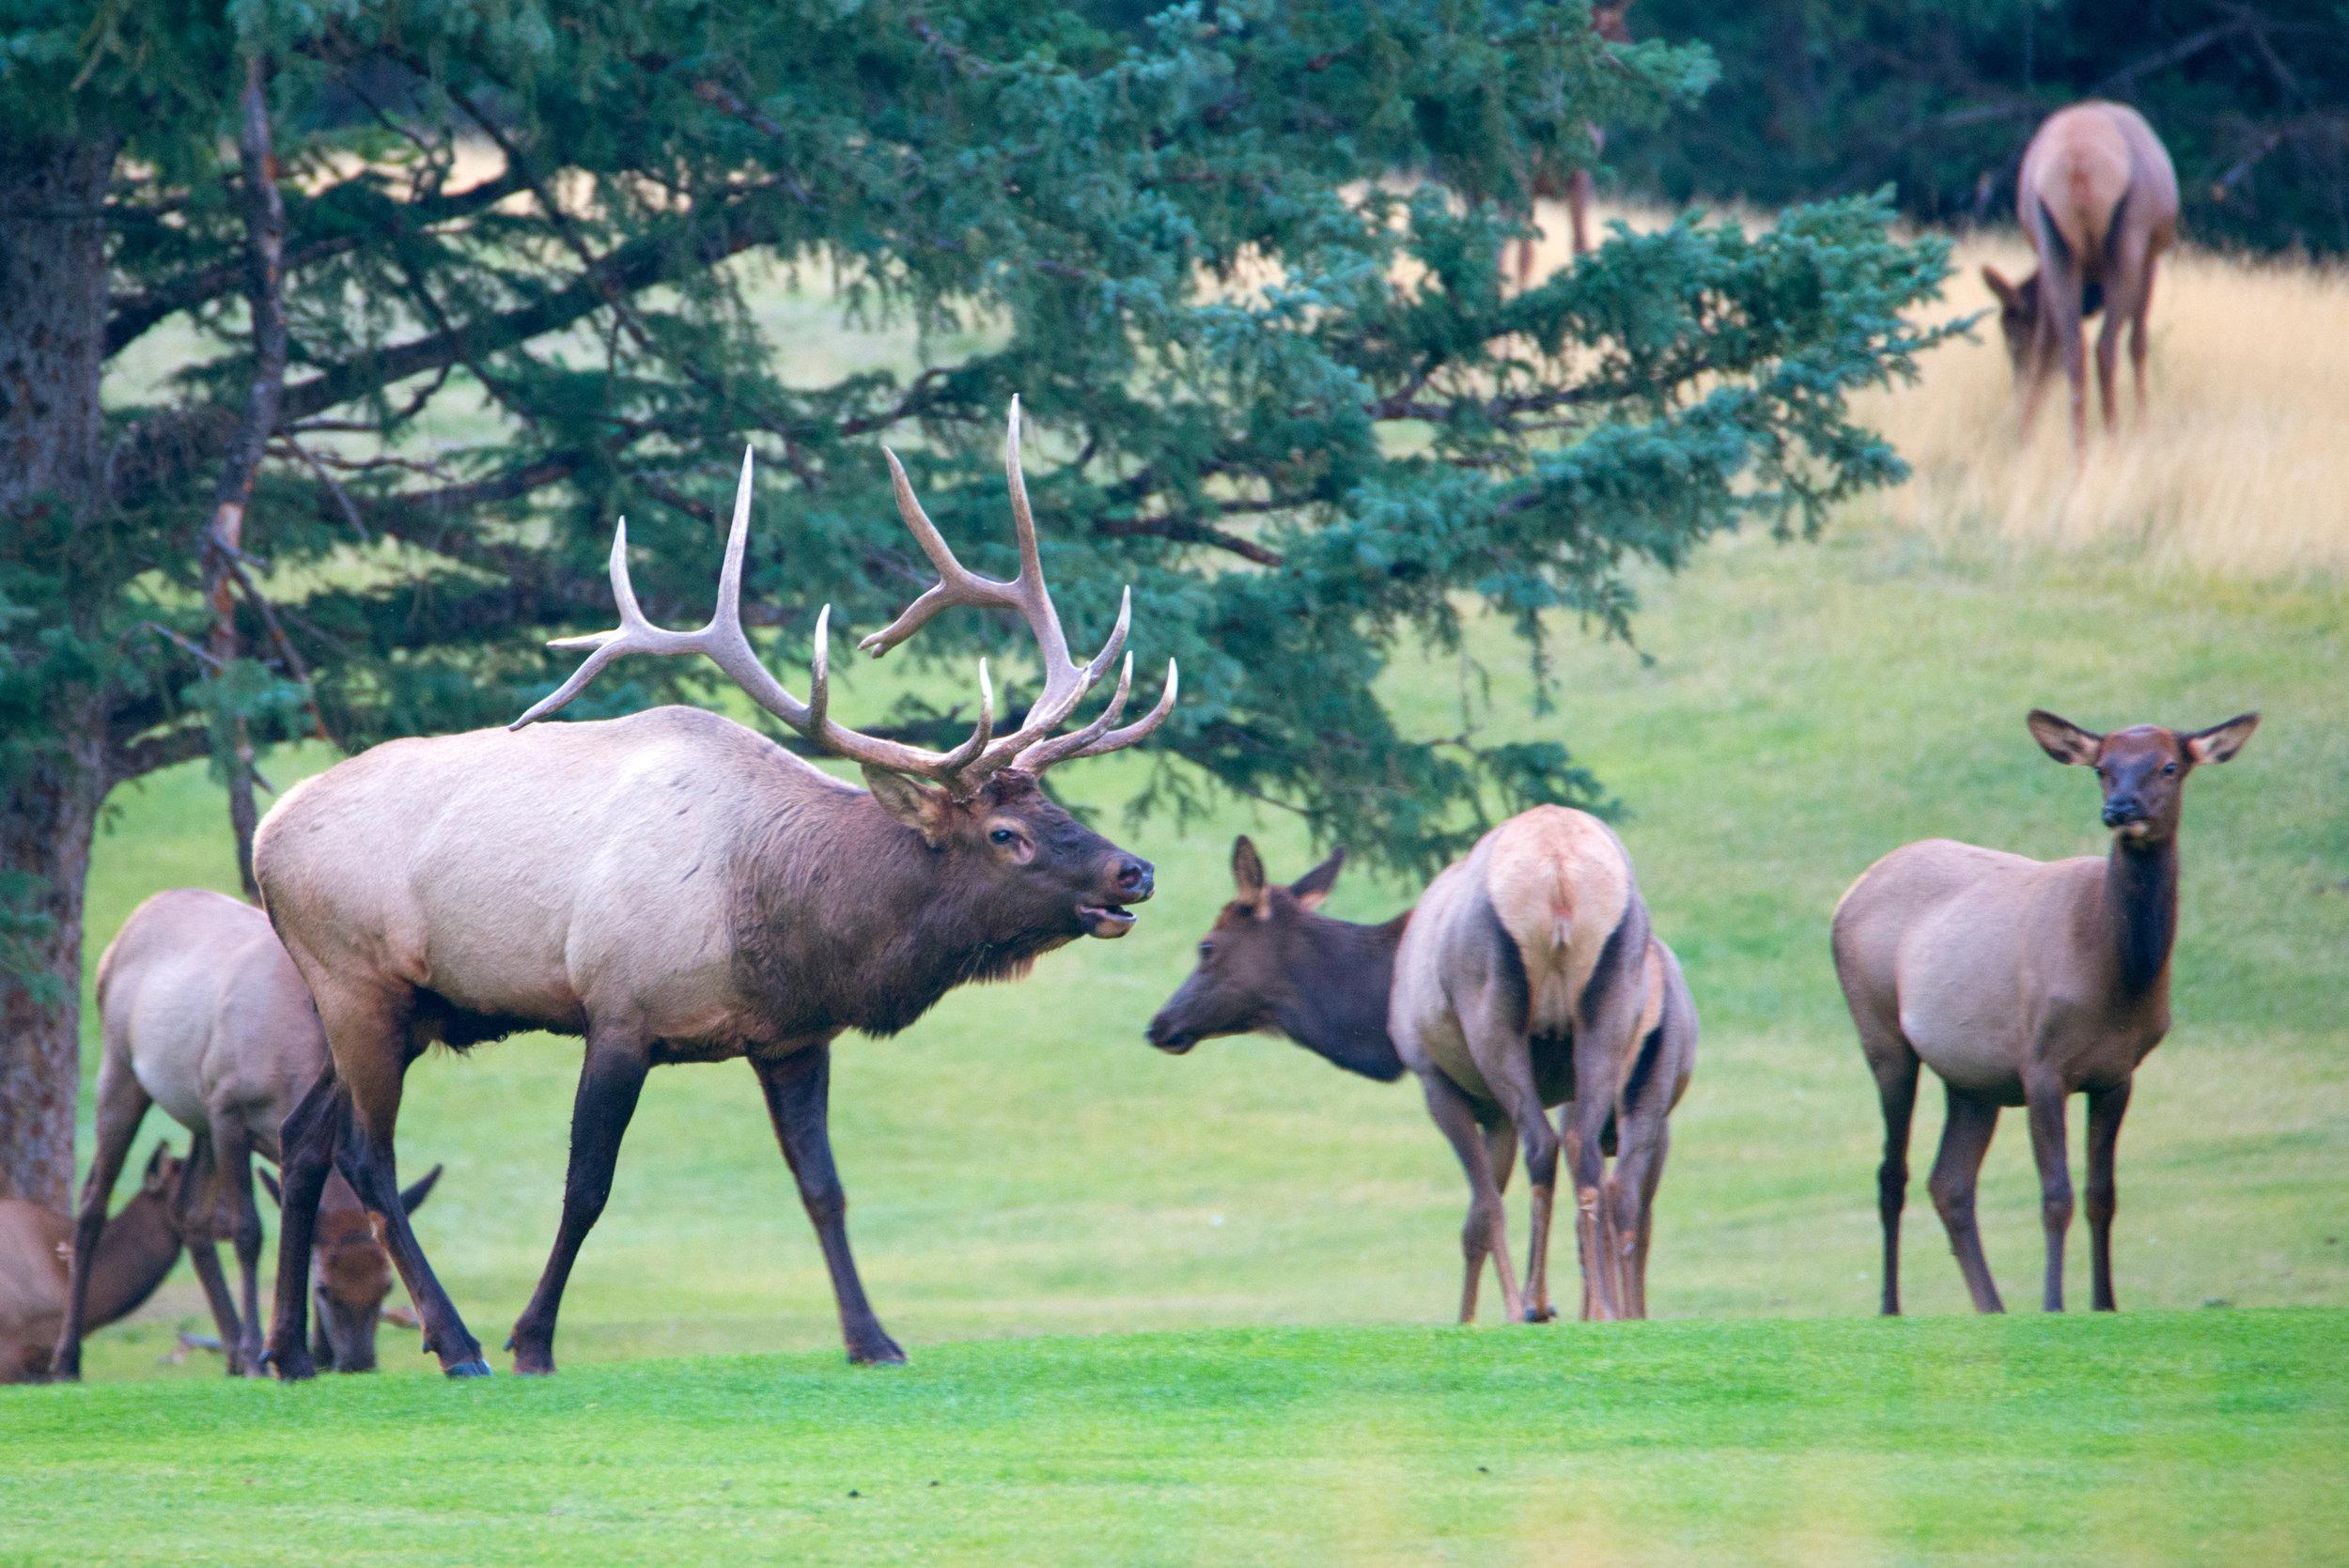 20170917_Banff_Springs_Dinner_Golf_Elk_065_s.jpg